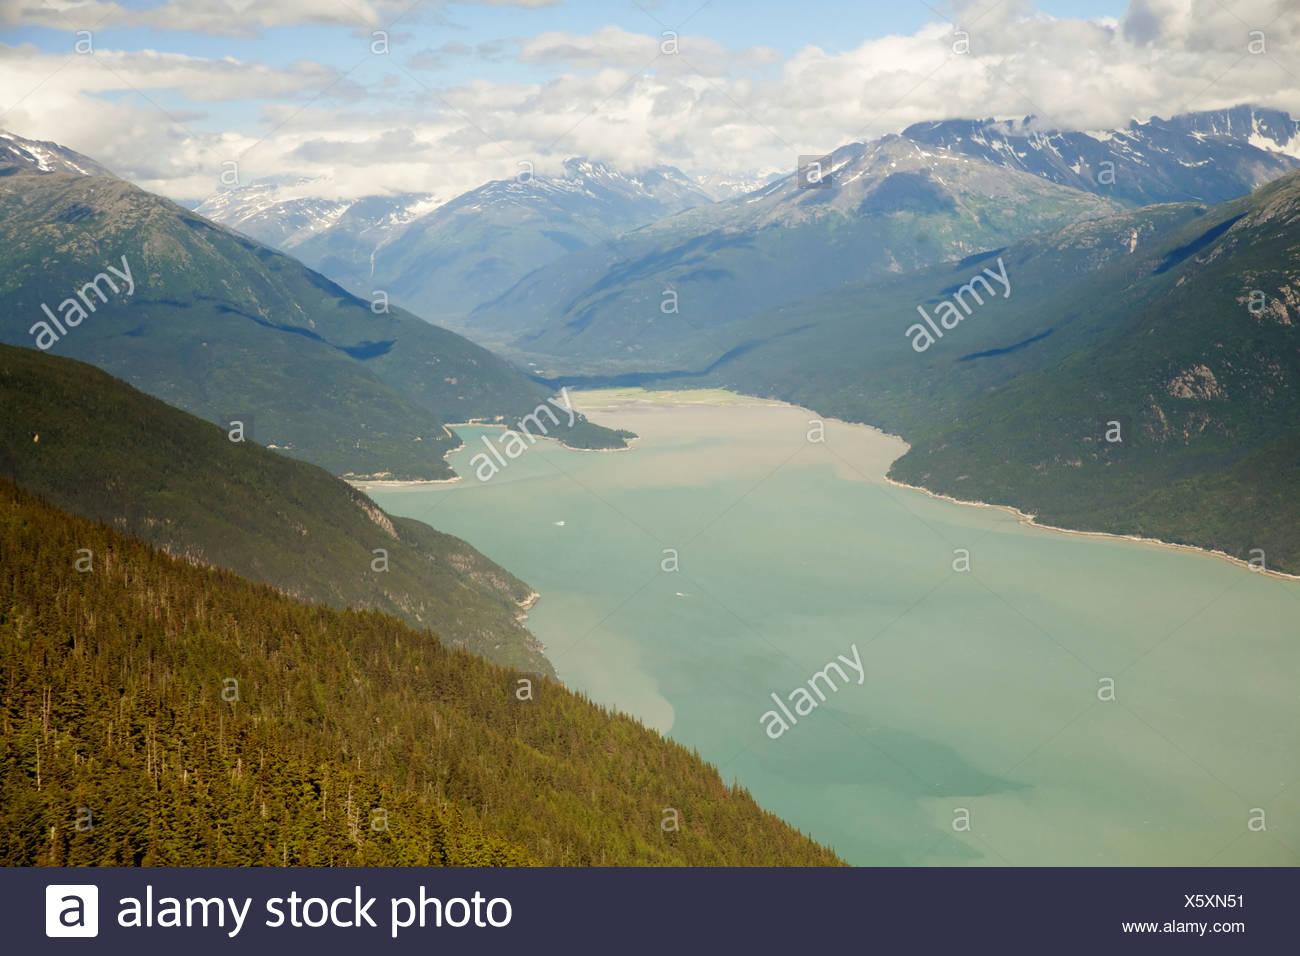 Taiya Inlet in Alaska - Stock Image